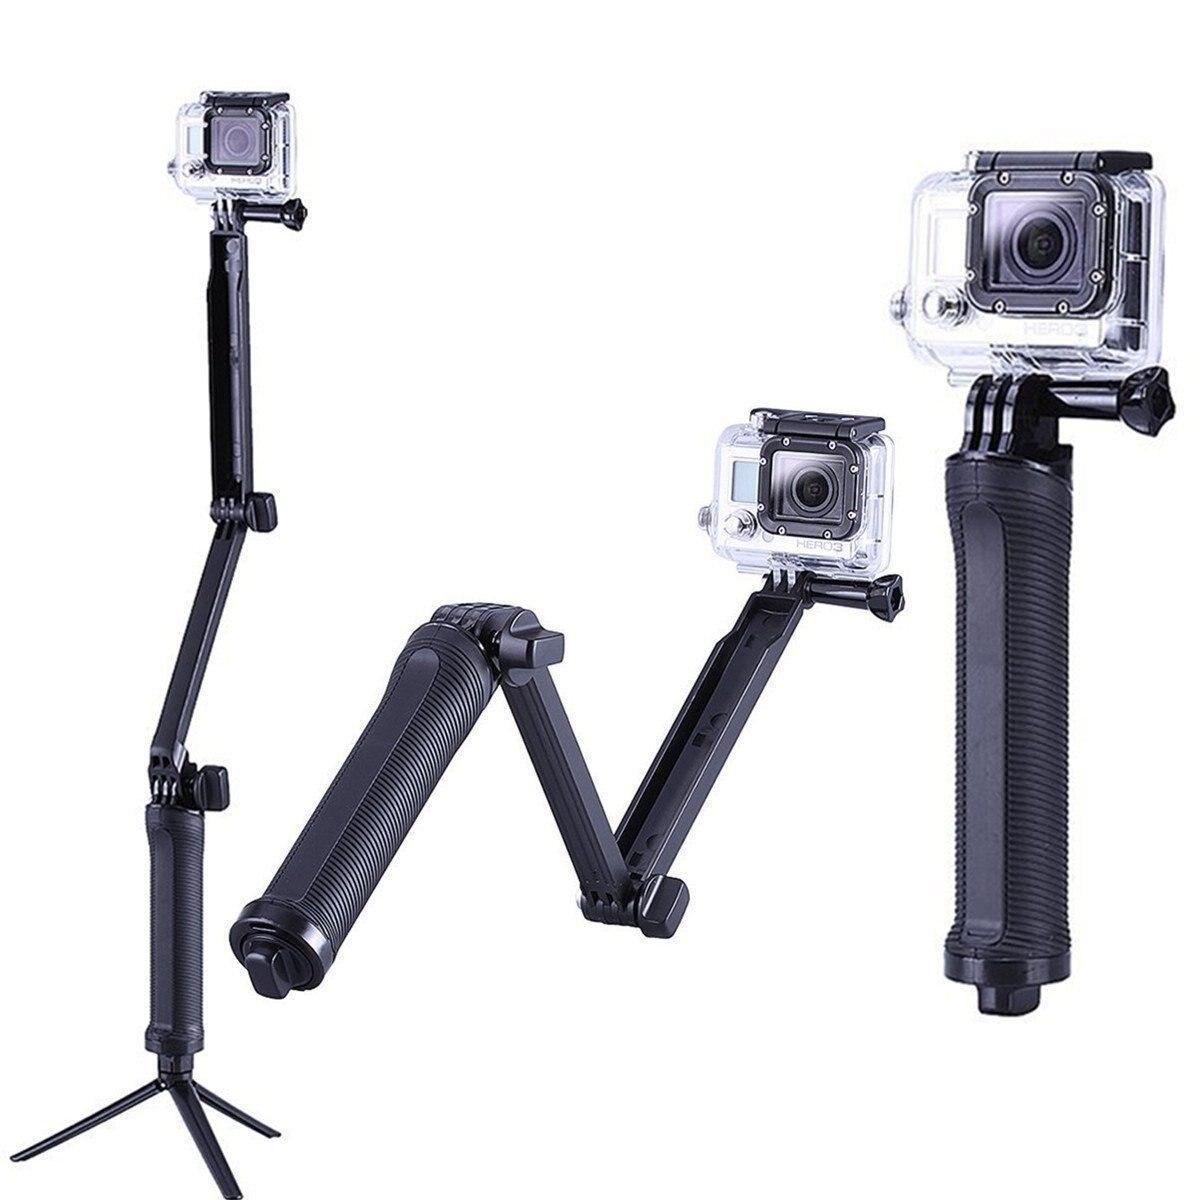 3-полосная ручка, водонепроницаемый монопод, селфи-Палка для Gopro Hero 5 6 4 Black Session SJ4000 для Xiaomi Yi 4 K, Спортивная камера, штатив, подставка